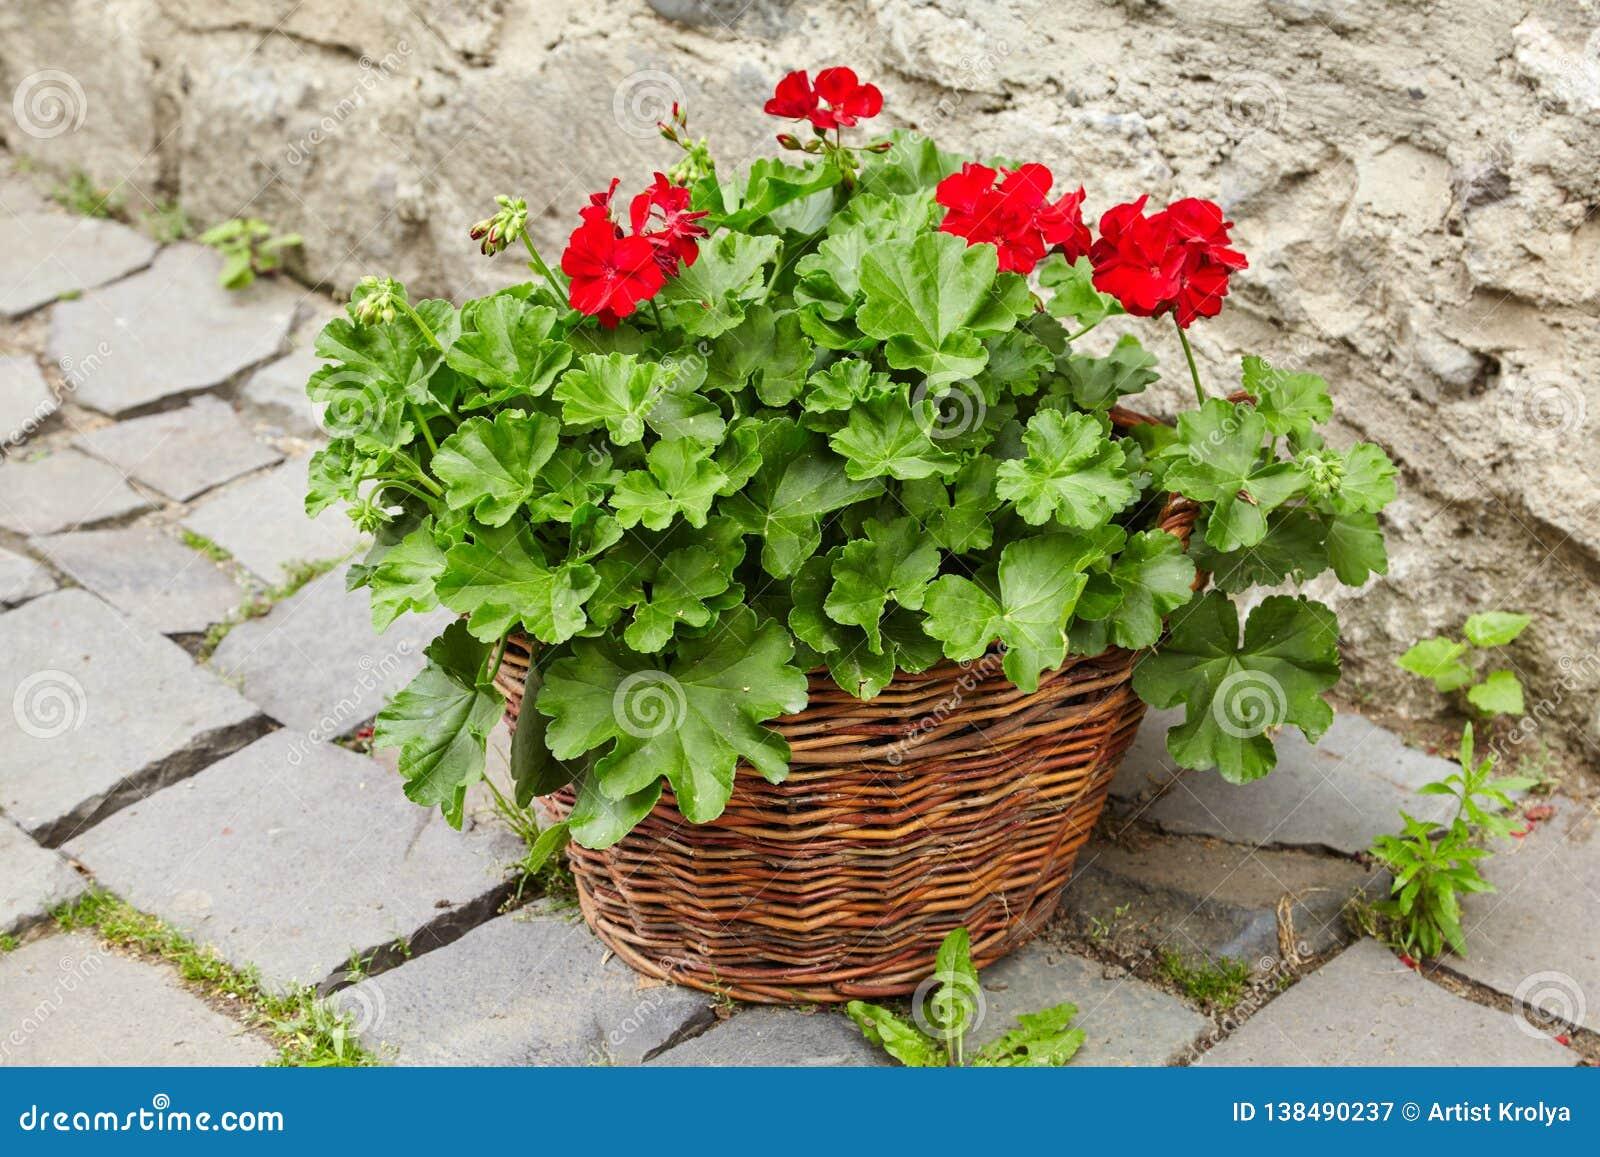 Red Geraniums Flowers, Pelargonium peltatum